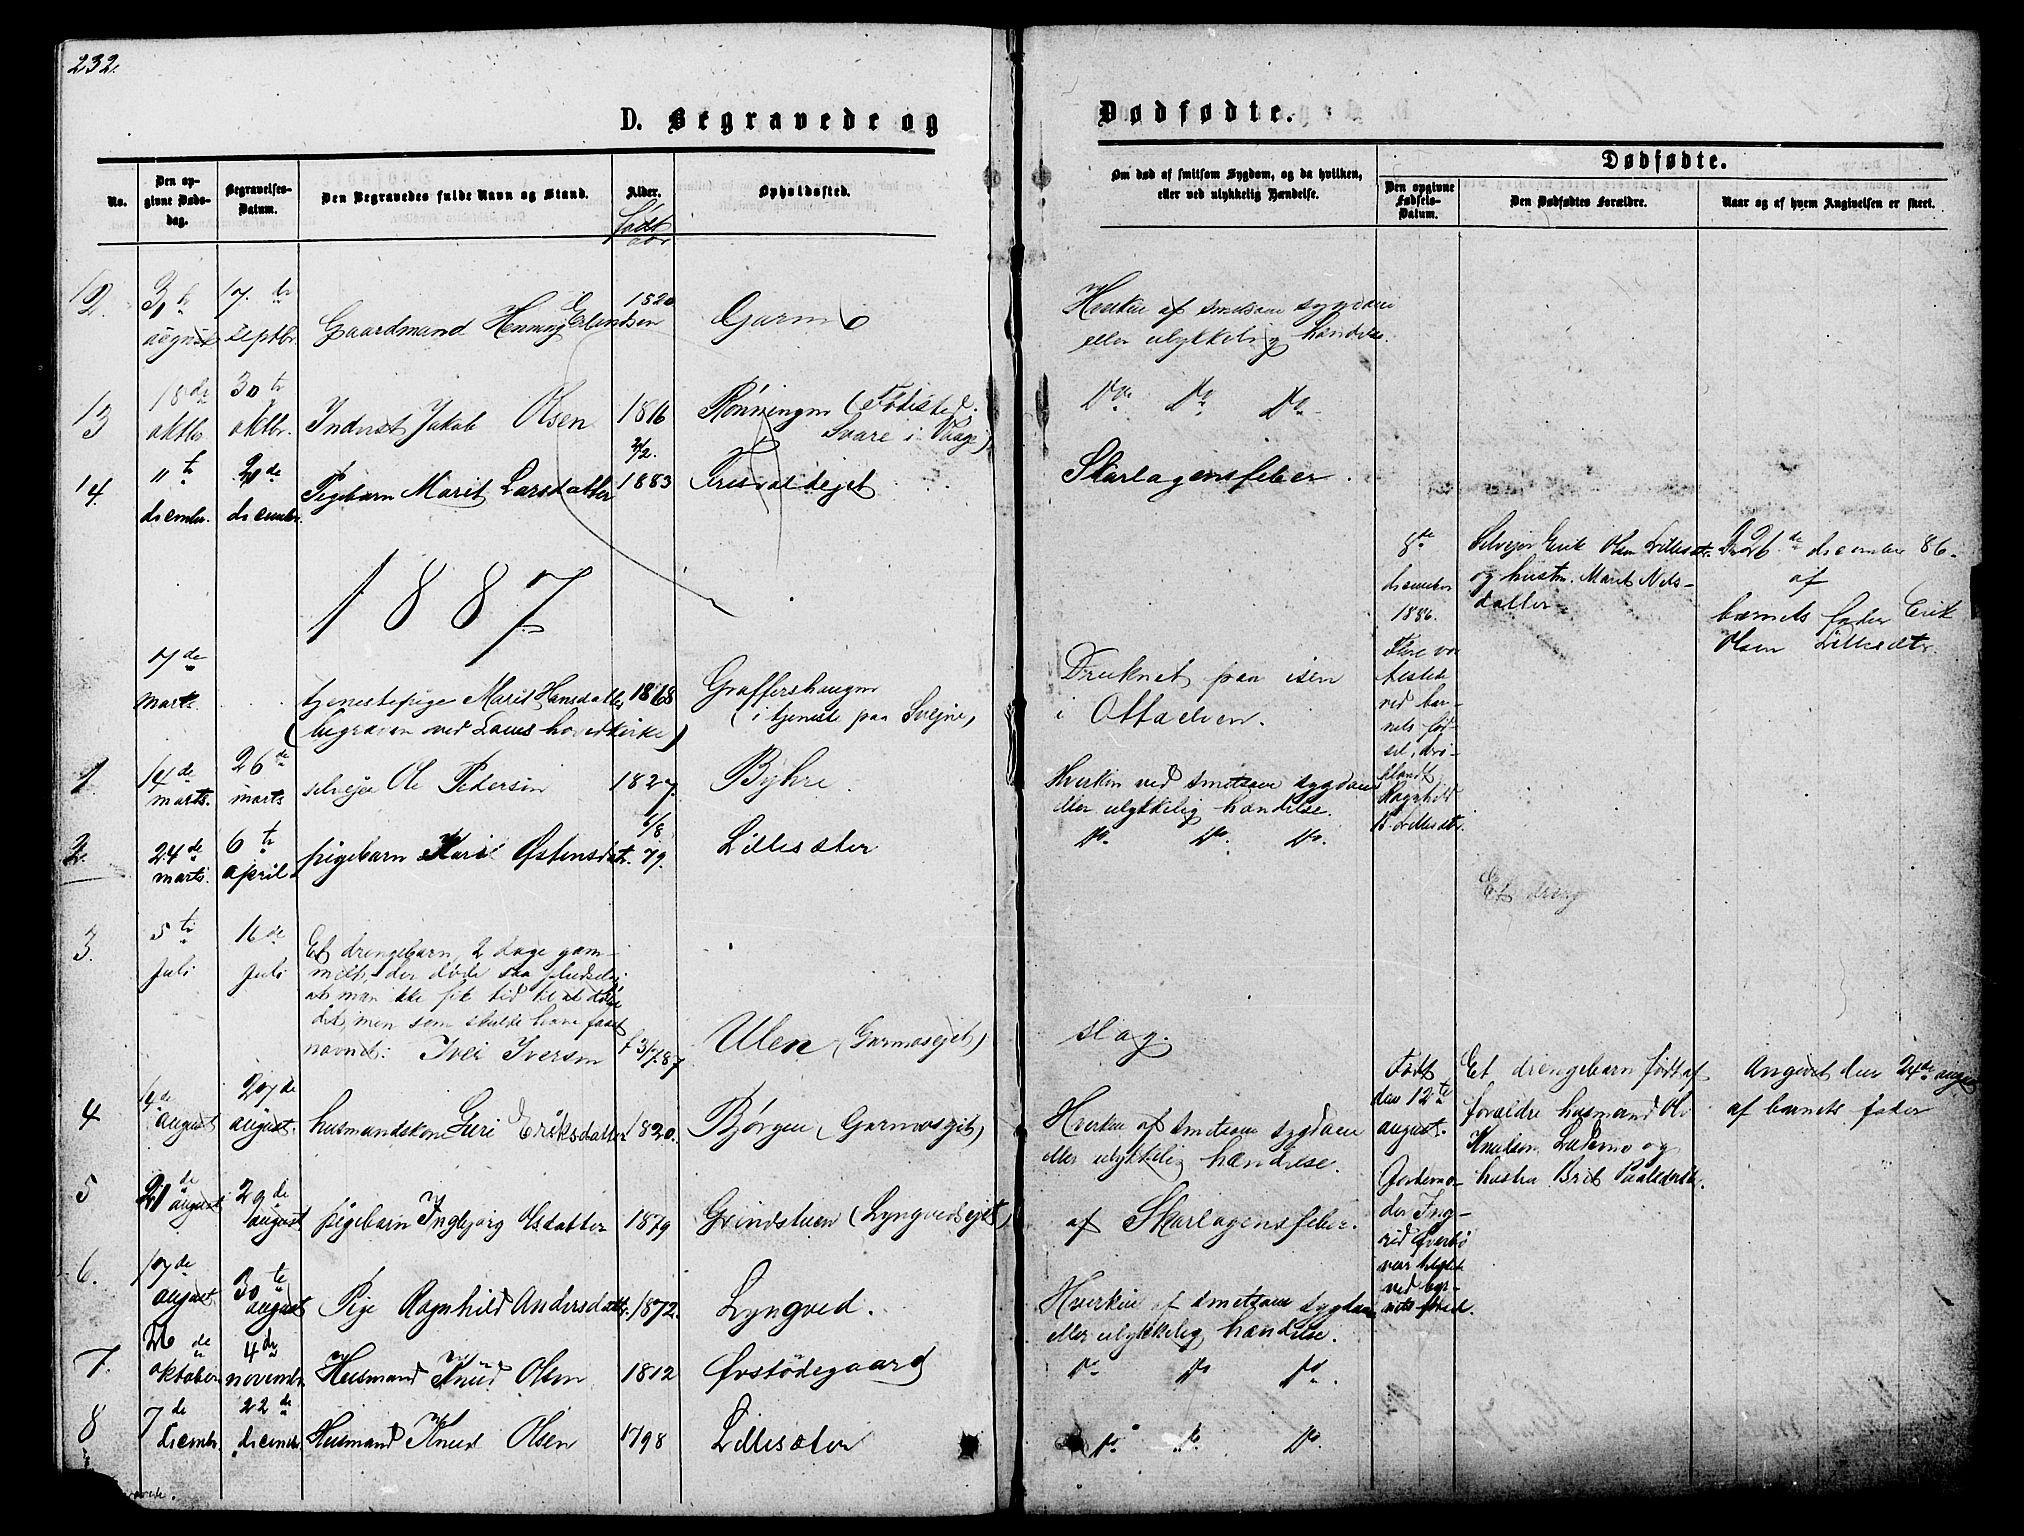 SAH, Lom prestekontor, L/L0005: Klokkerbok nr. 5, 1876-1901, s. 232-233